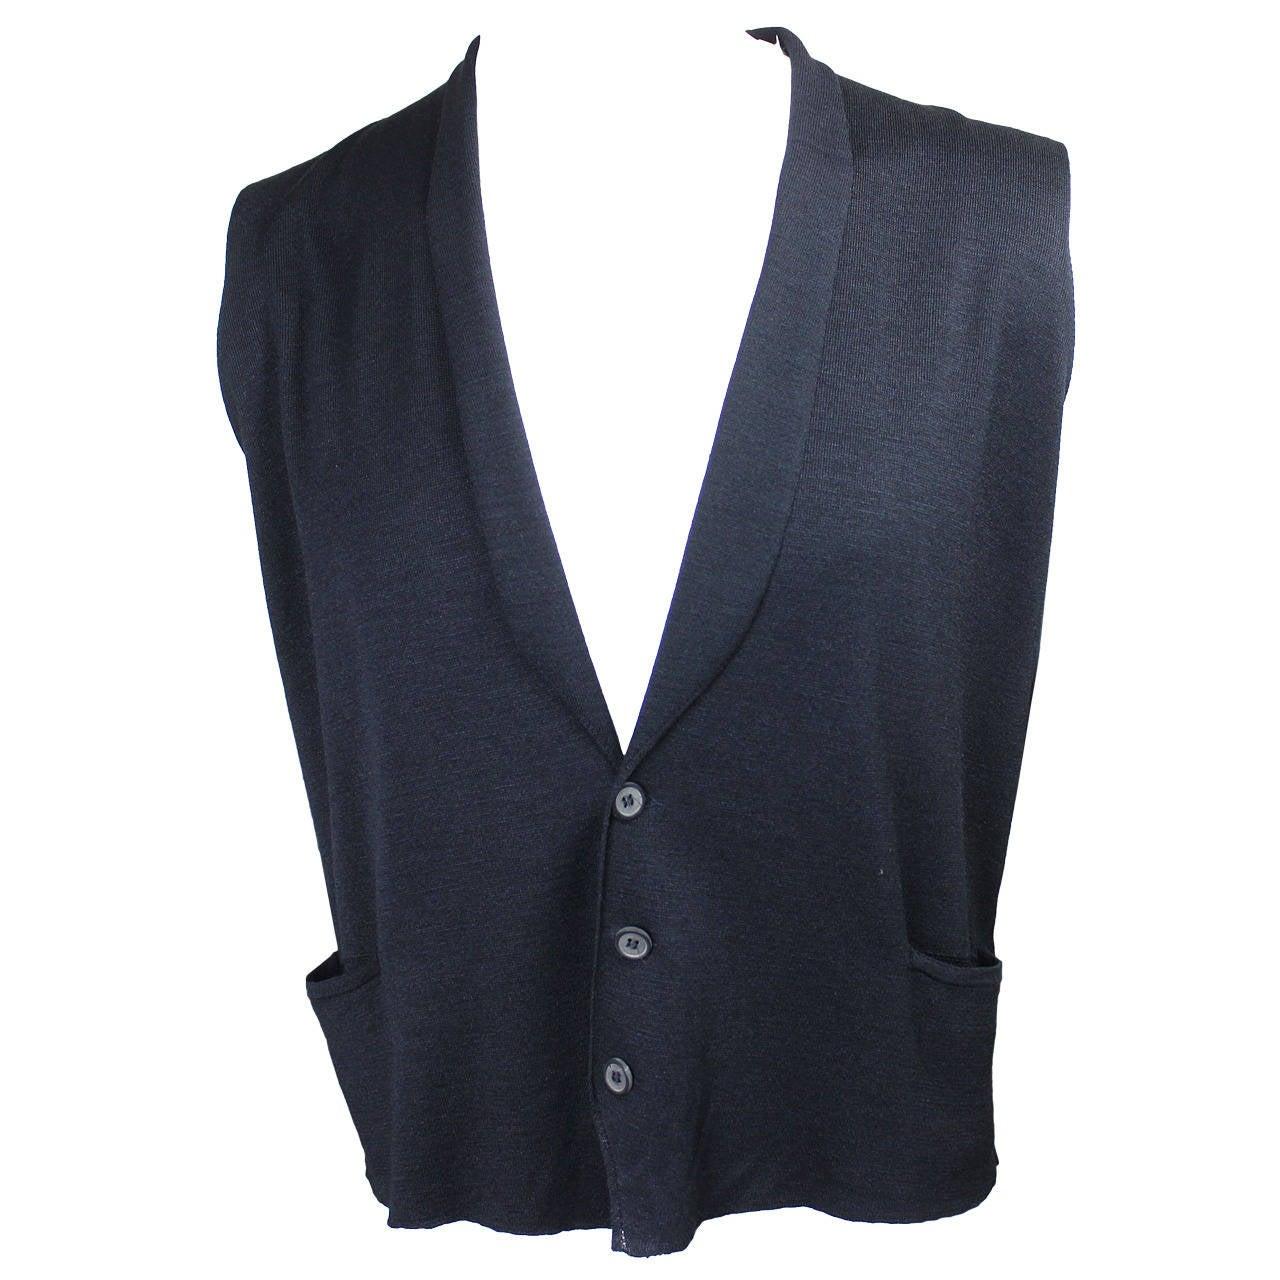 Lanvin Men's Silk Sweater Vest For Sale at 1stdibs